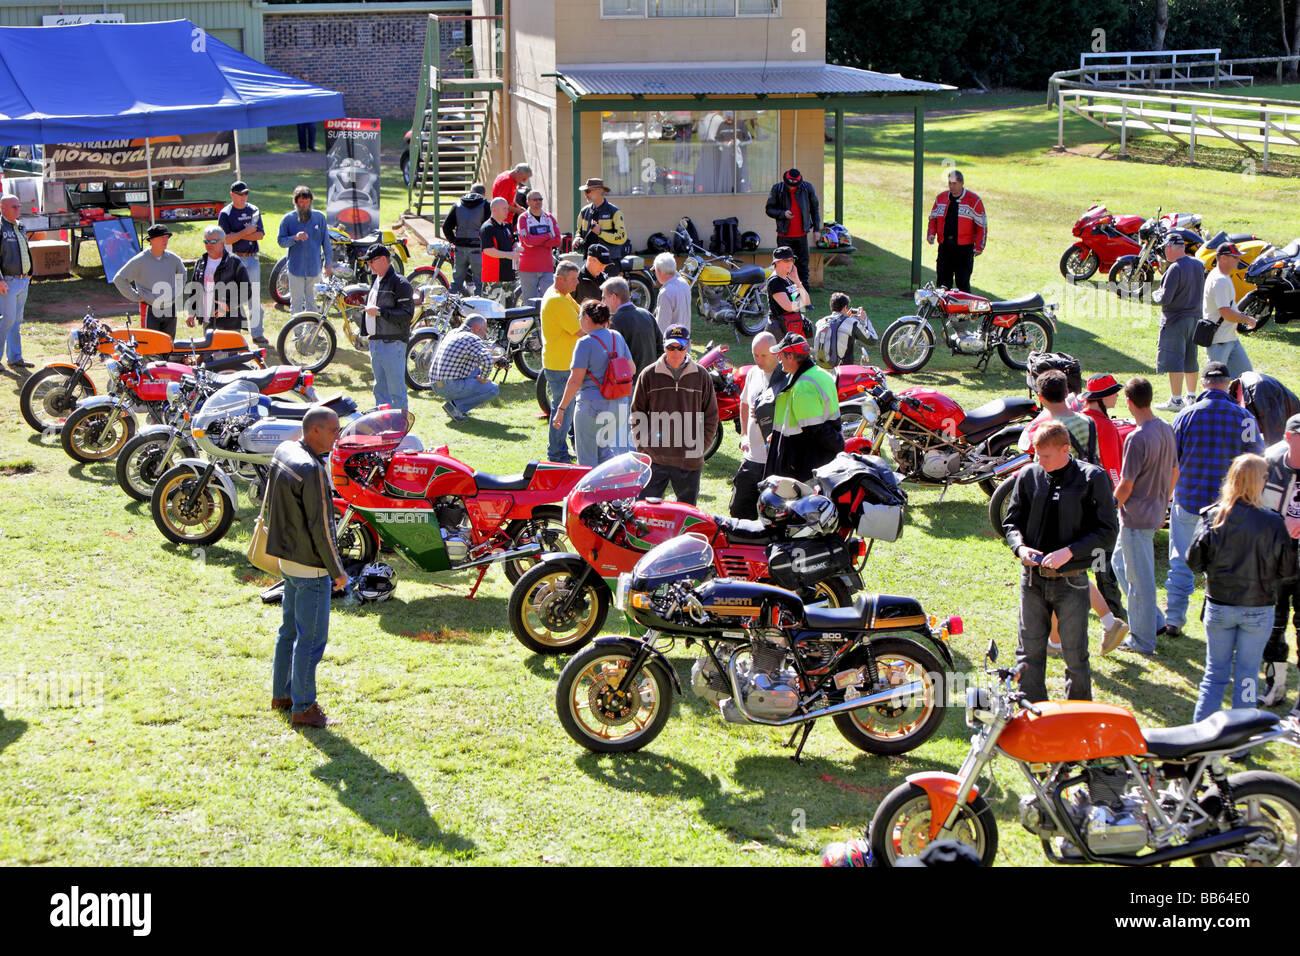 Ducati motorcycle owners meet - Stock Image